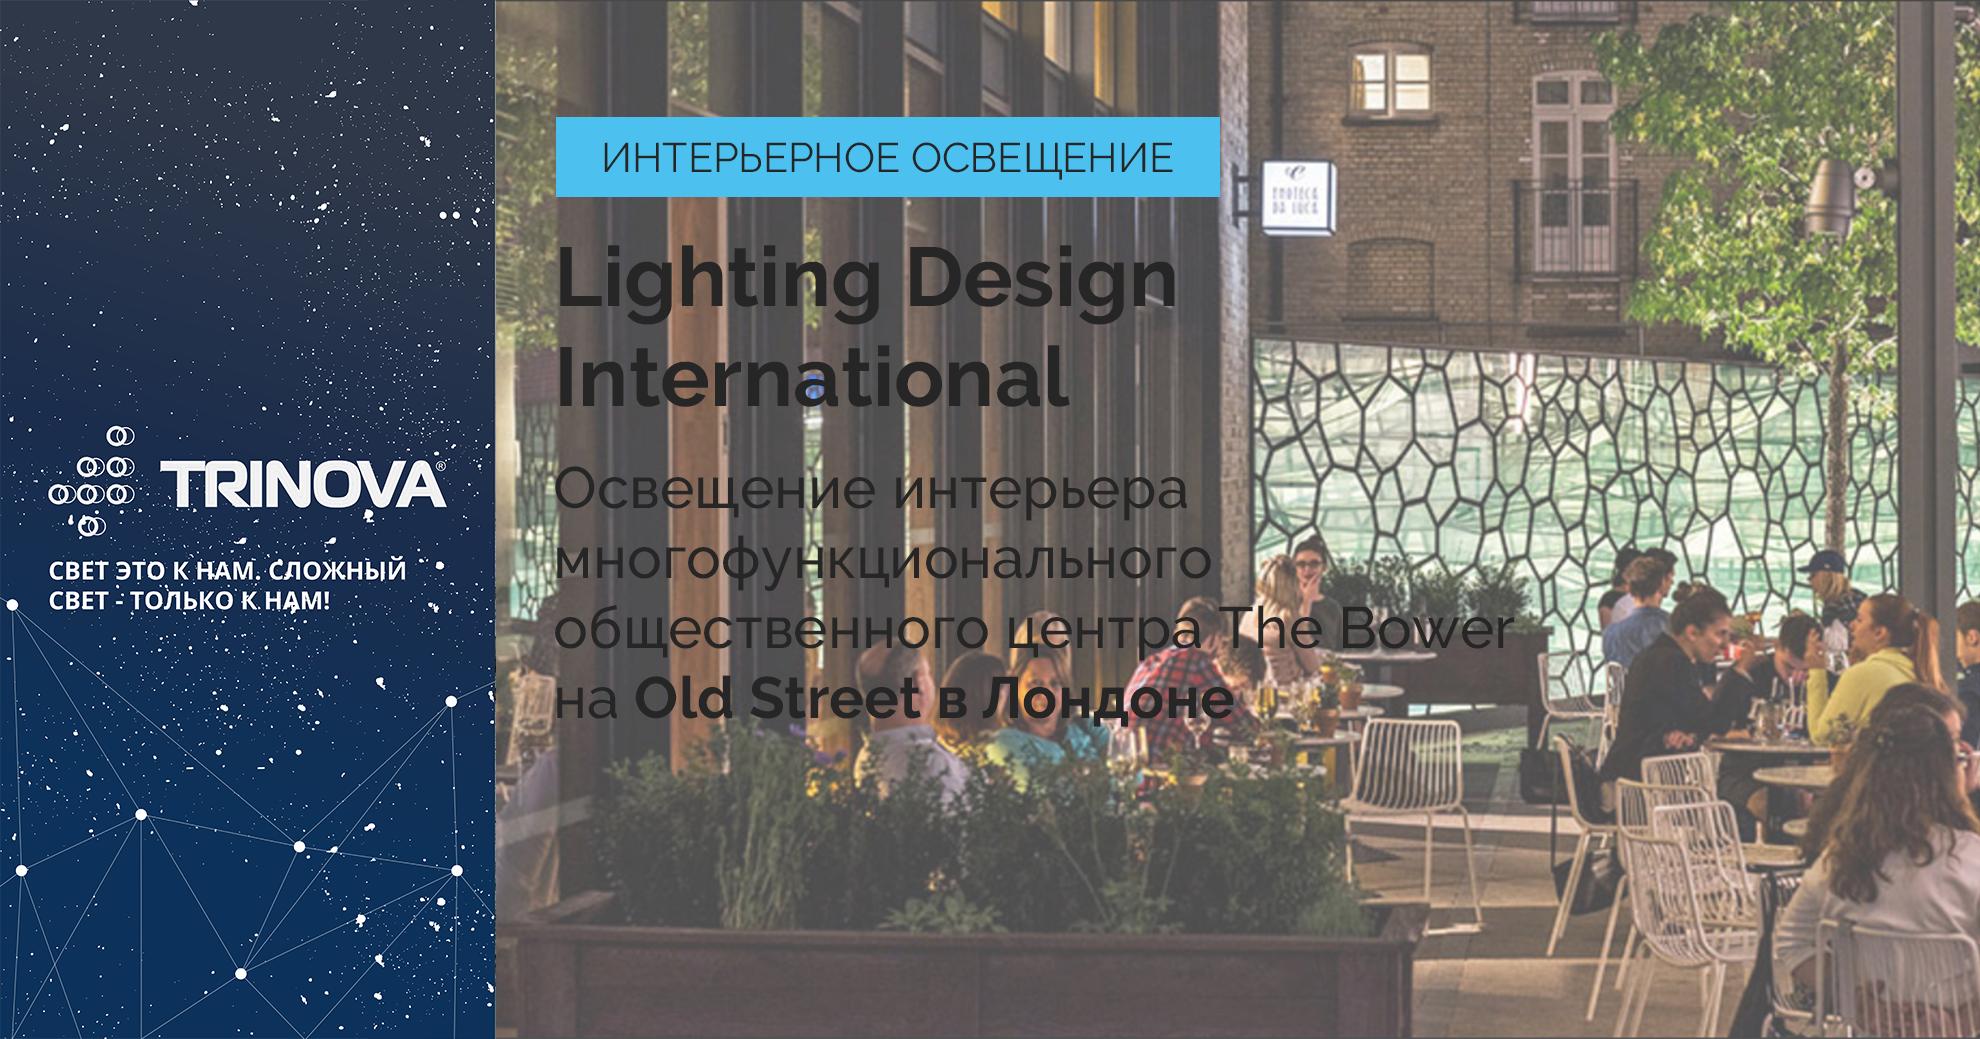 Ldi u lighting design international освещение интерьера